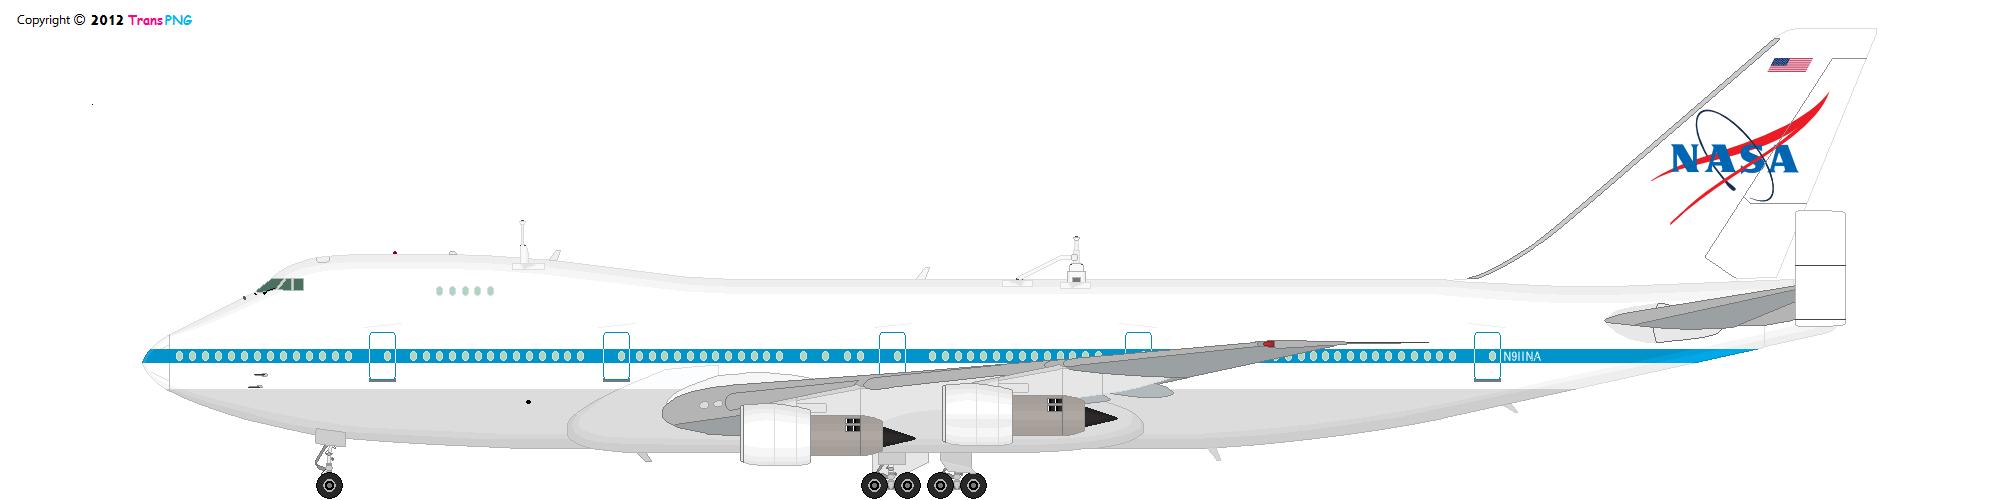 政府/軍用飛機 7016